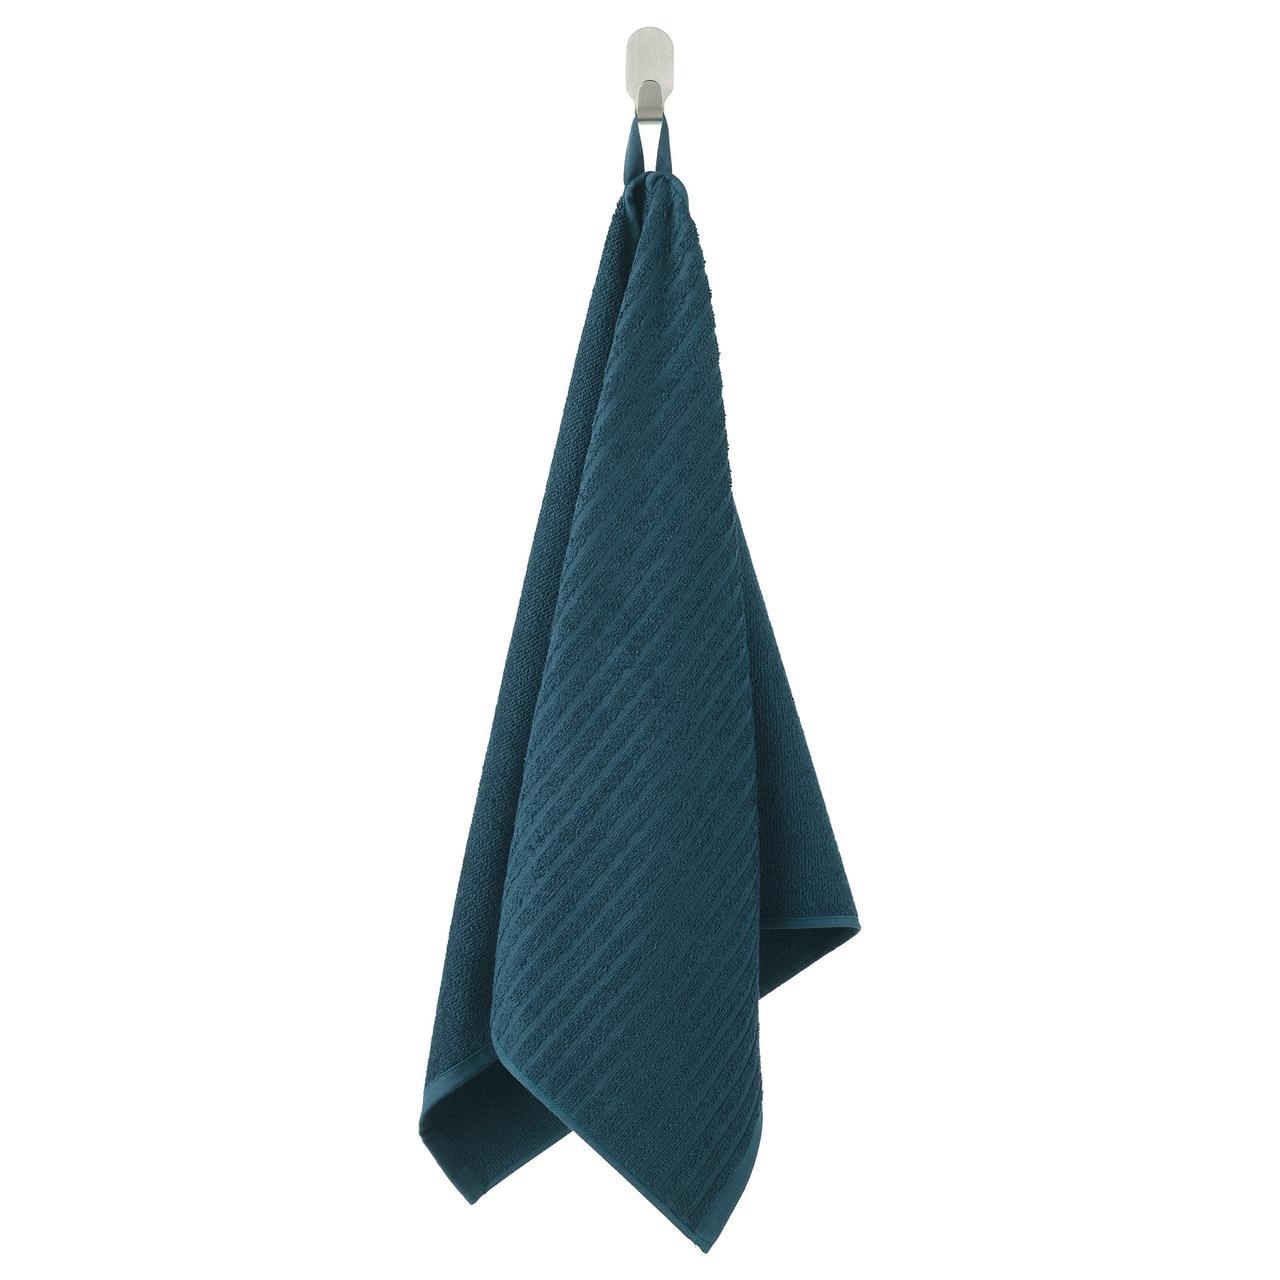 ВОГШЁН Полотенце, темно-синий